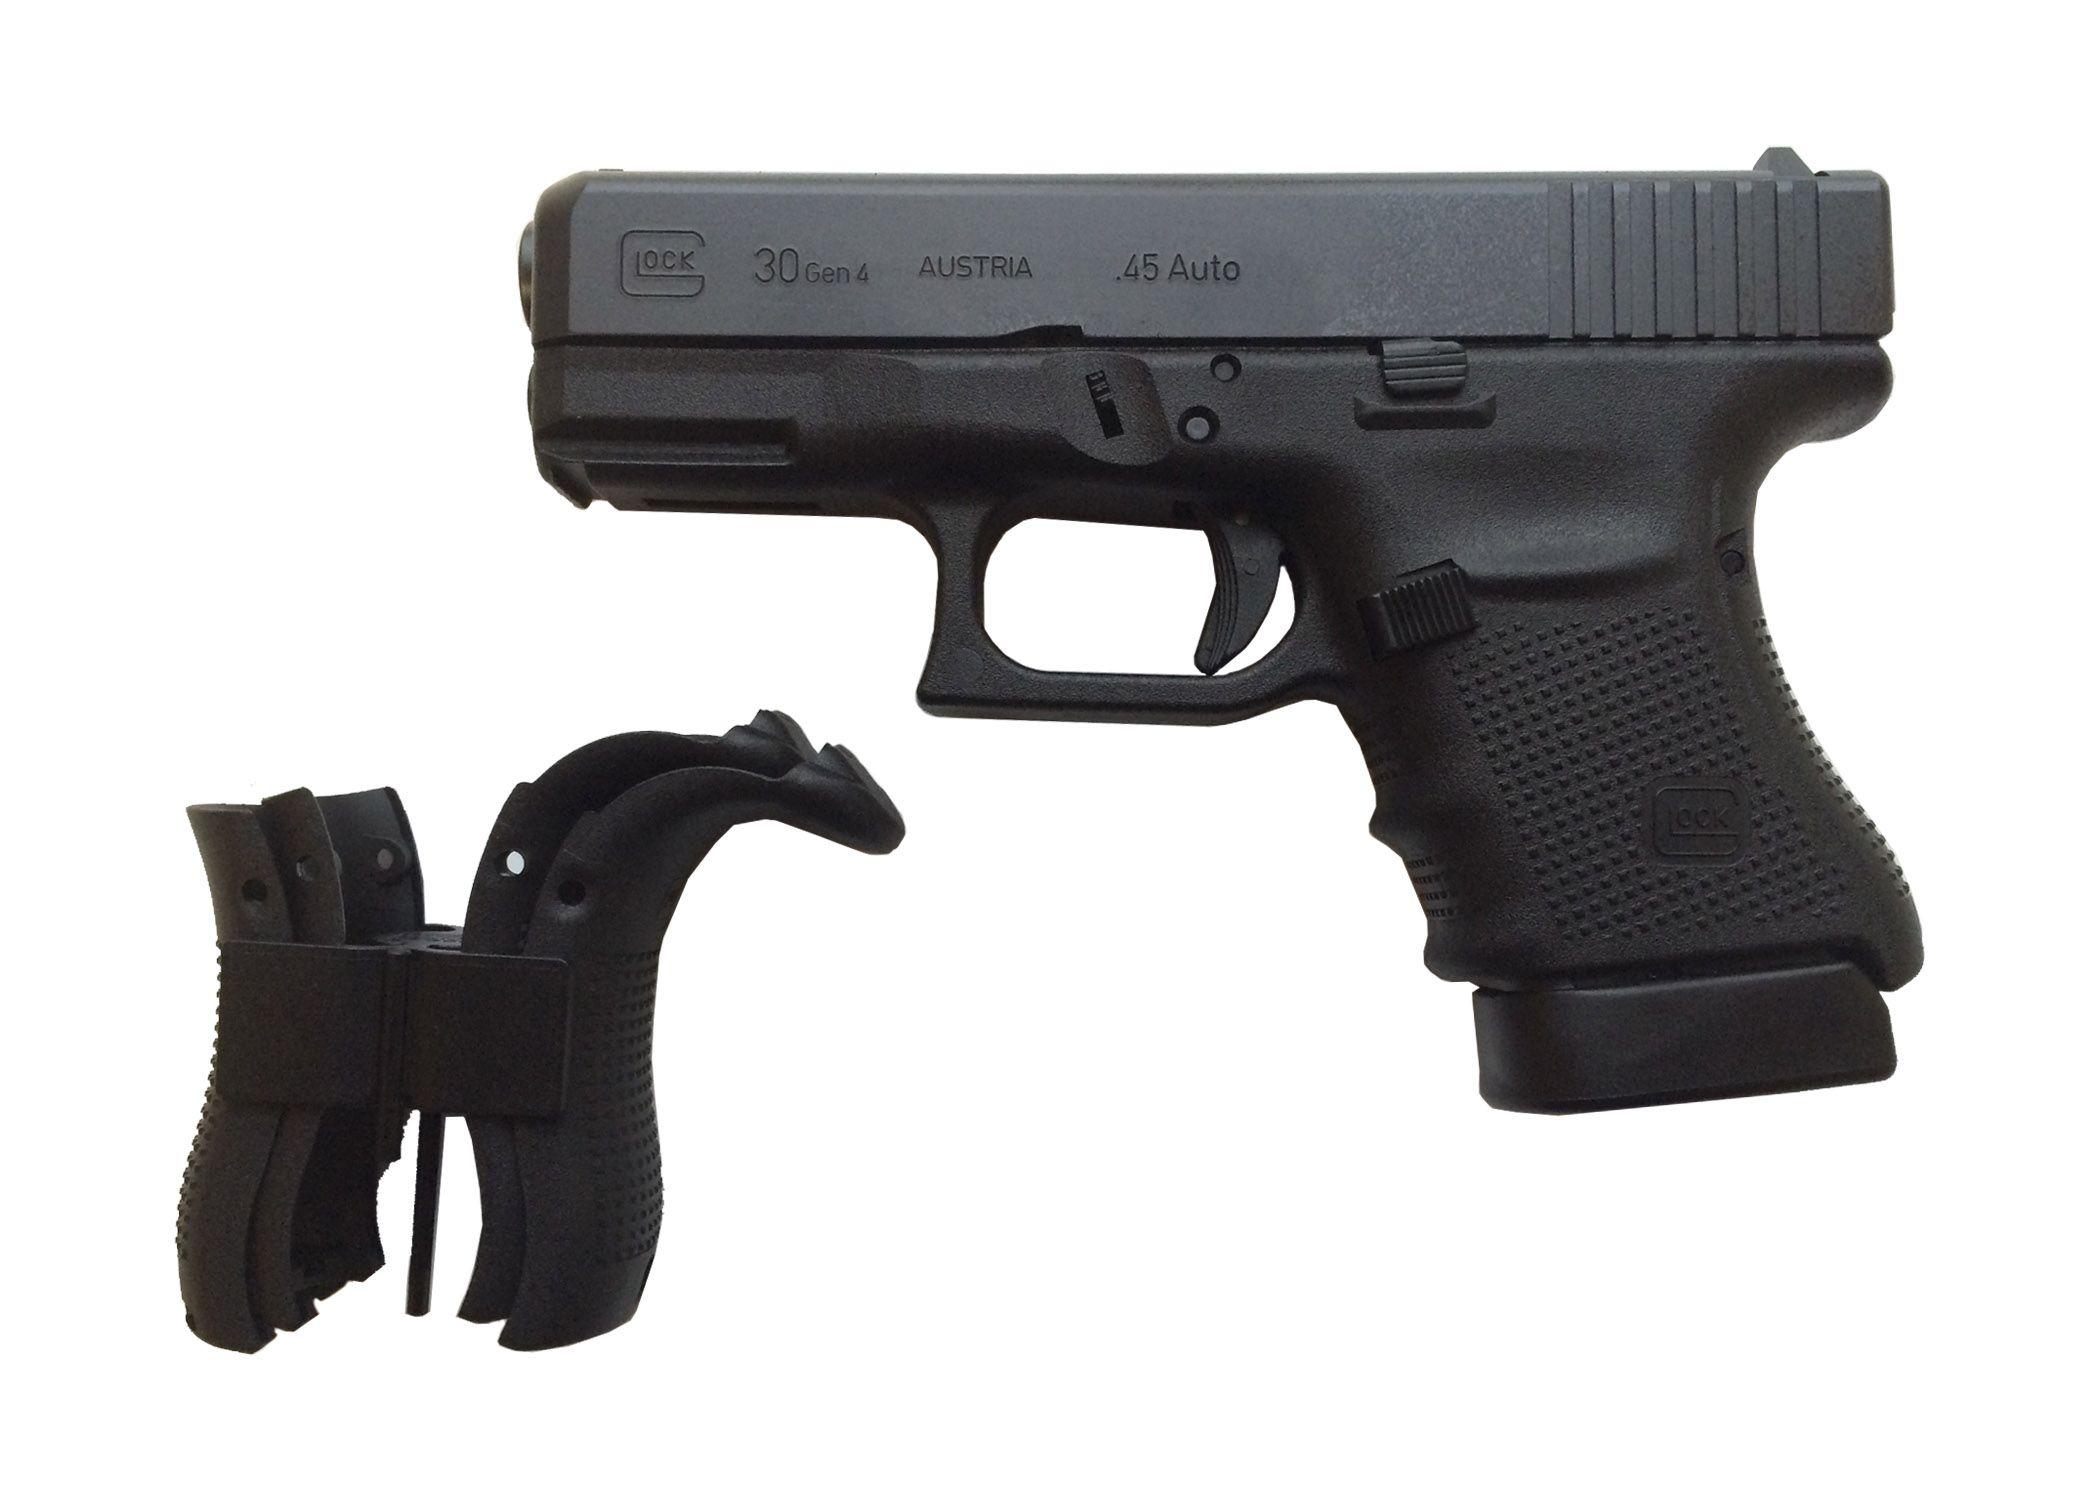 Glock 30 Gen 4 .45 ACP Pistol w/ Polymer Grip ‒ PG3050201